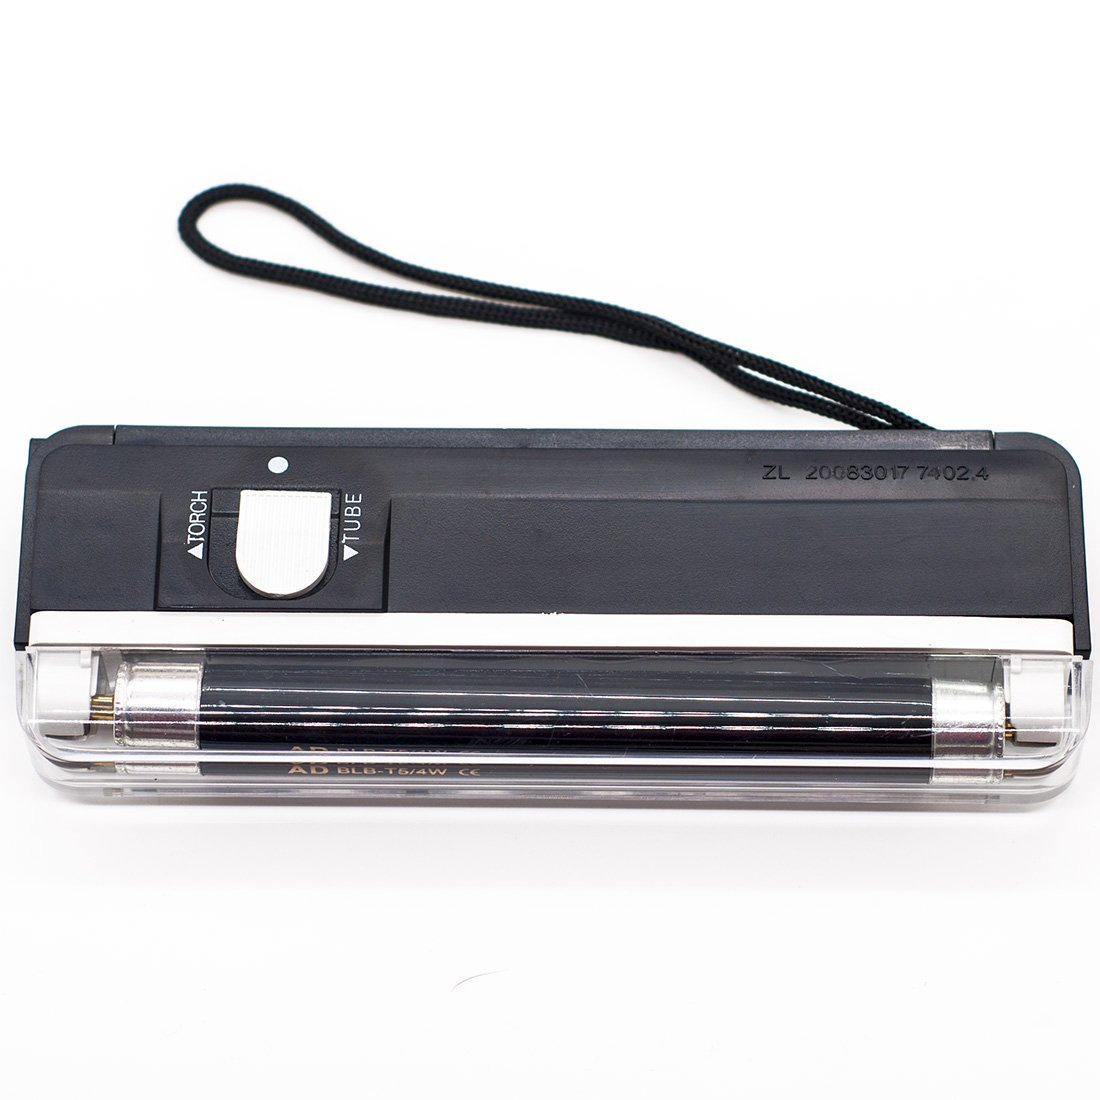 JLER Handheld UV Black Light Torch Portable Blacklight Ultraviolet with LED 1-7